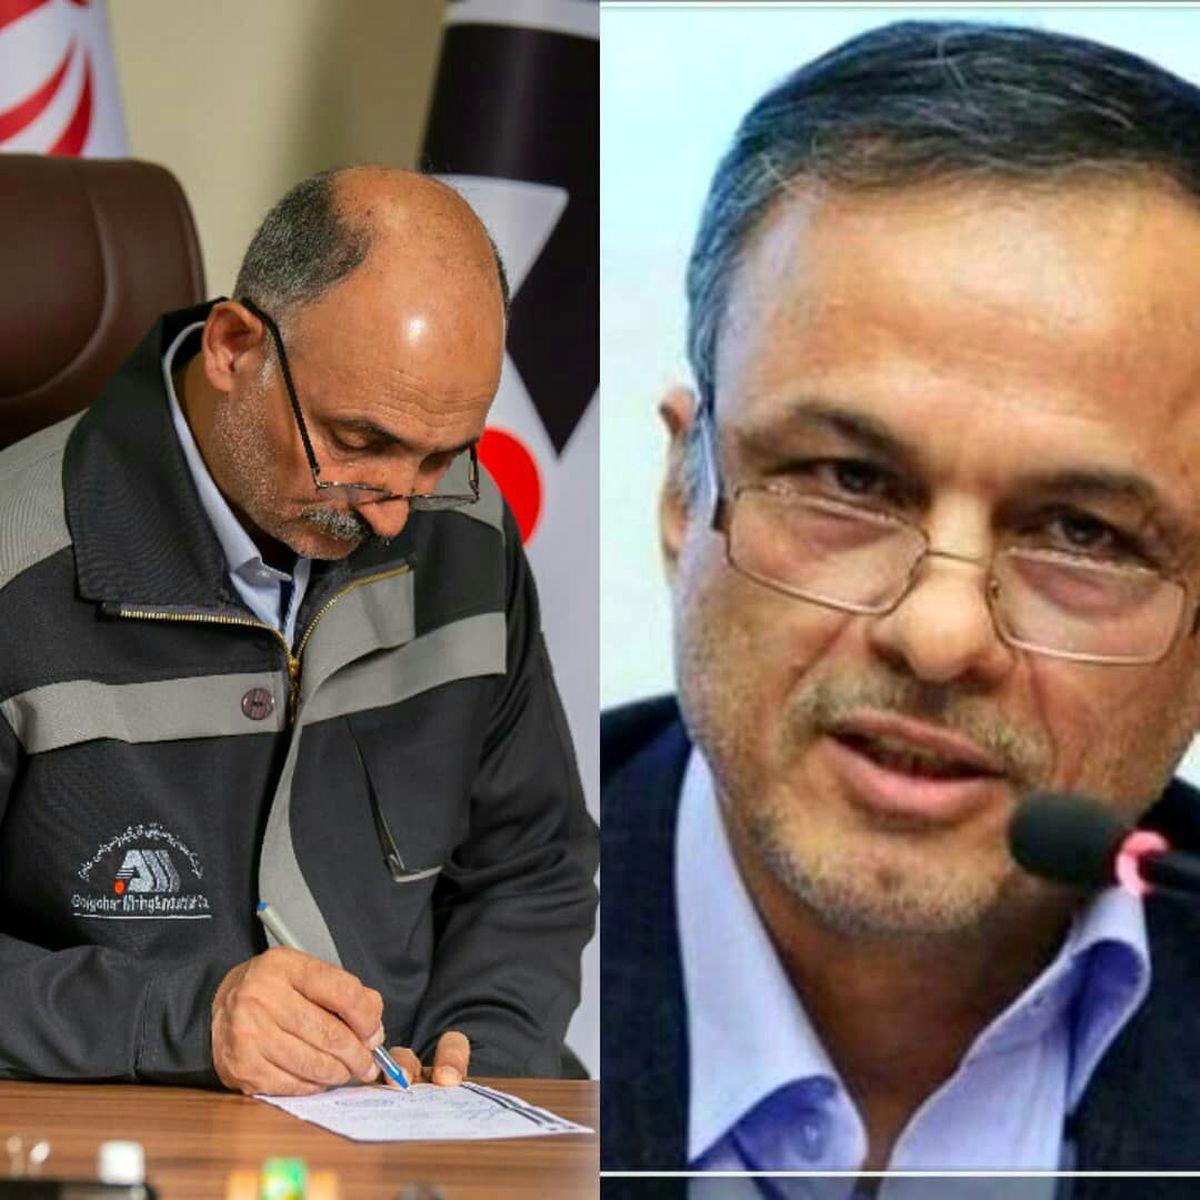 پیام تبریک مدیرعامل شرکت معدنی و صنعتی گلگهر به مناسبت انتخاب وزیر صمت